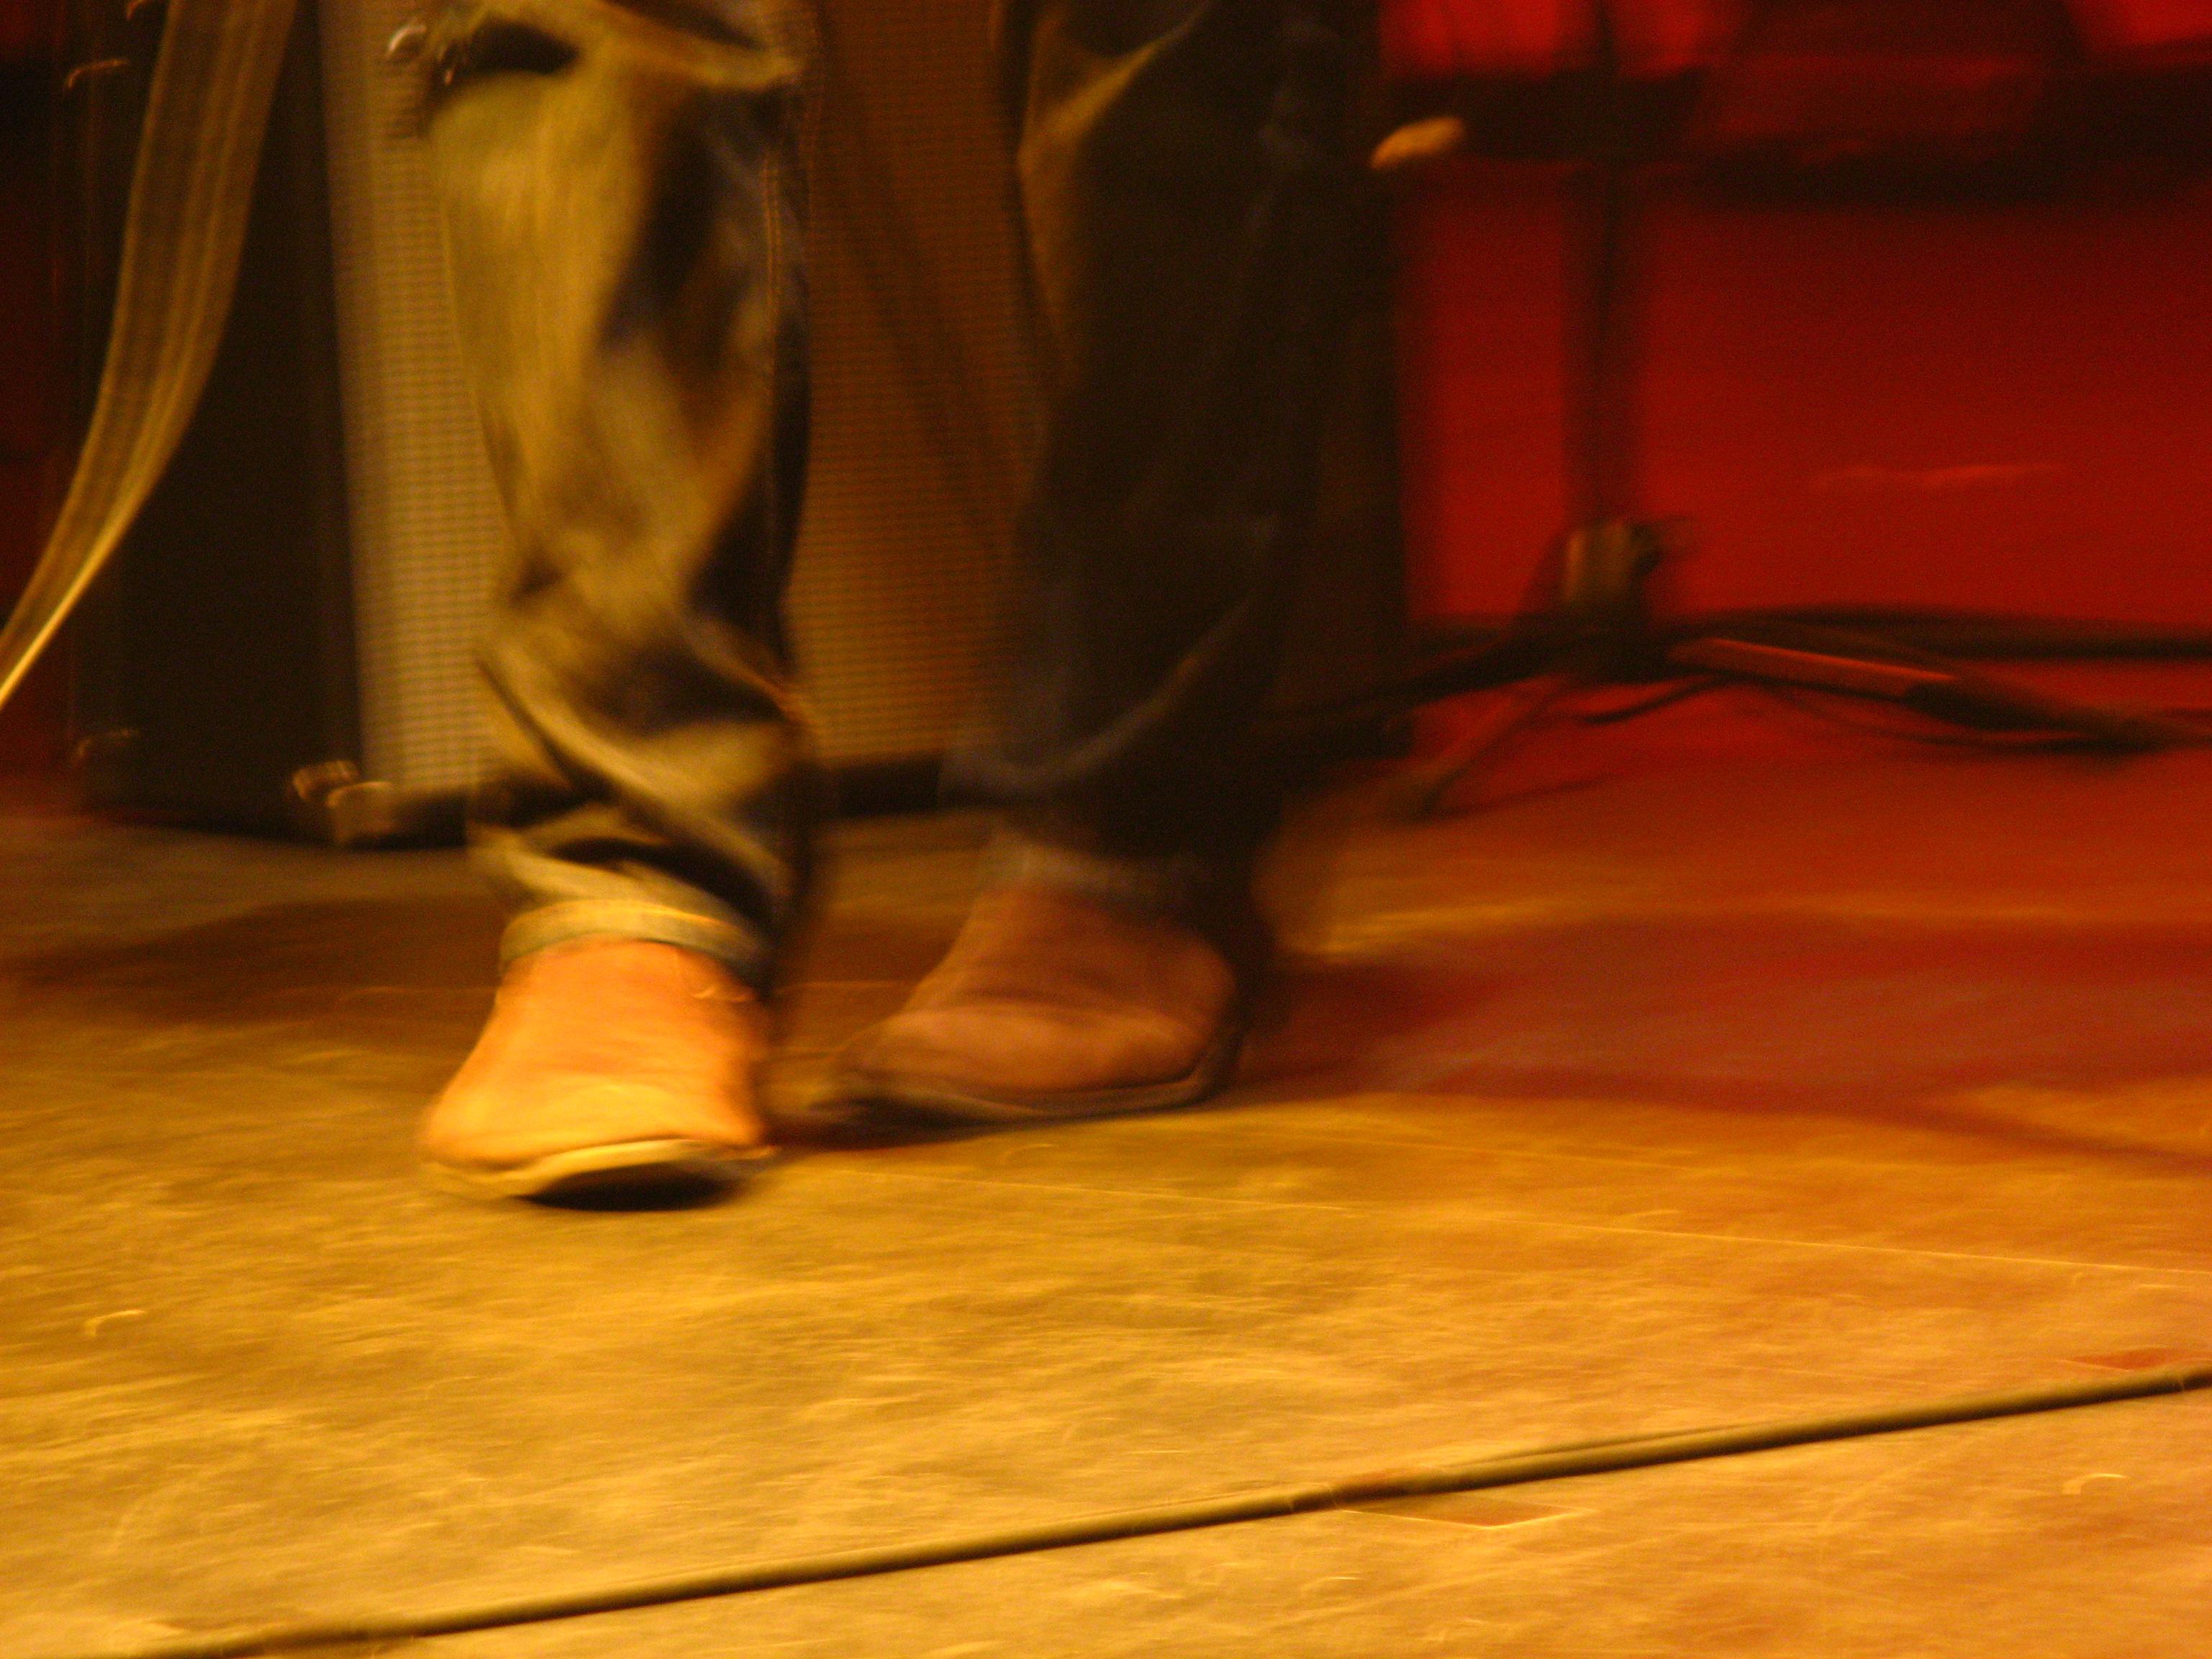 dan-auerbach-shoes